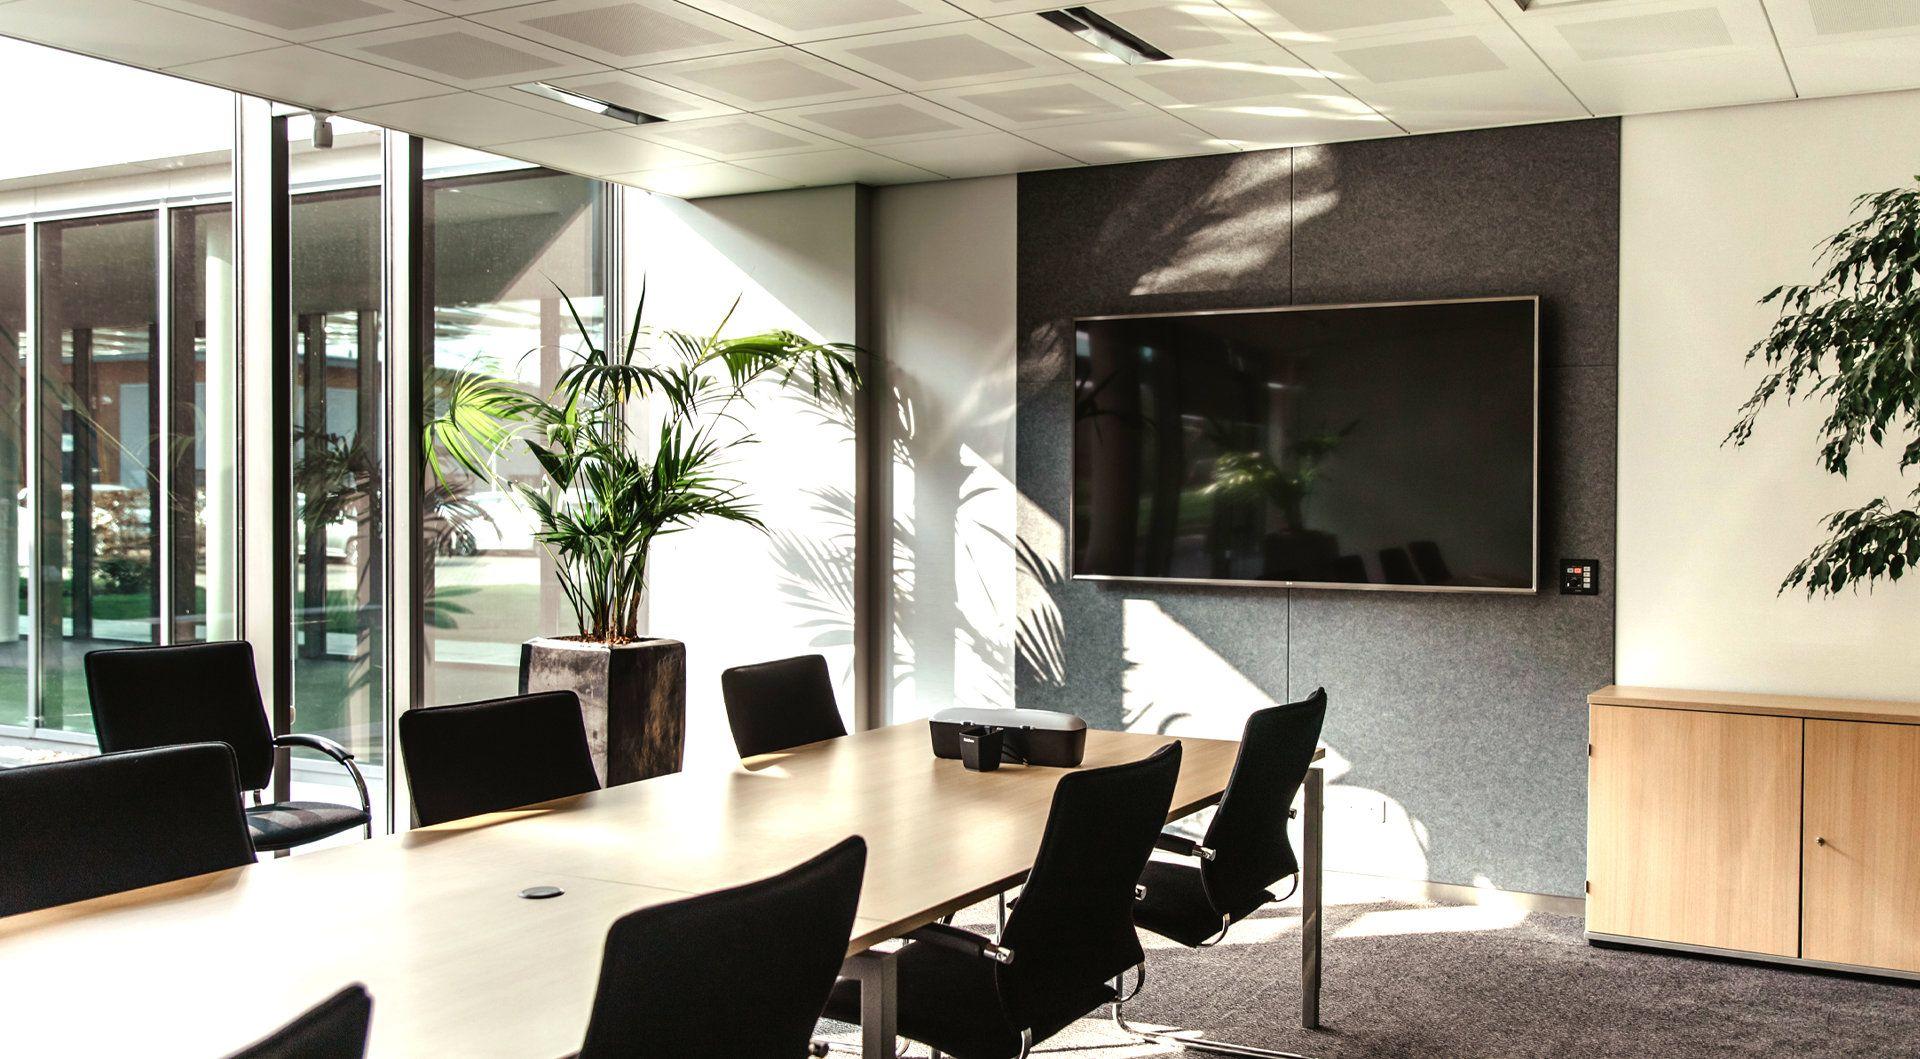 """Conen Mounts SCETANHVP14 flat panel vloer standaard 2,54 m (100"""") Vaste flatscreen vloerstandaard Aluminium, Zwart - Case studie de vries"""